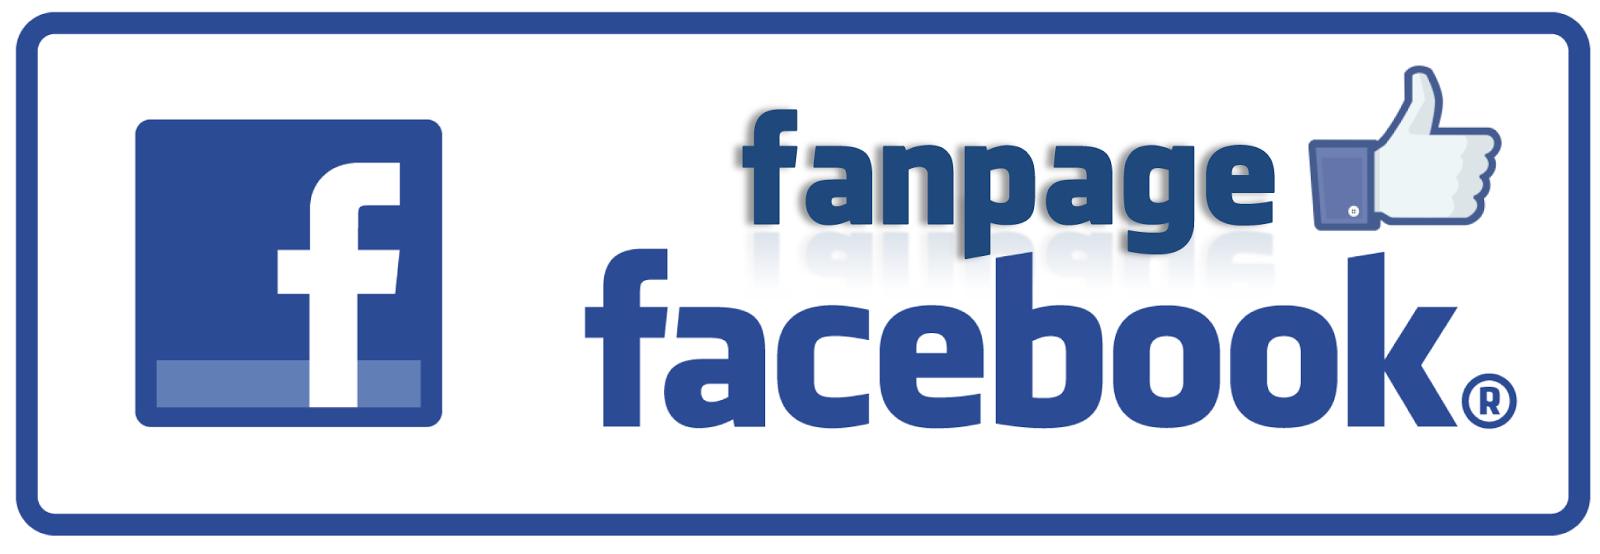 huong-dan-tang-like-fanpage-facebook-hieu-qua.png